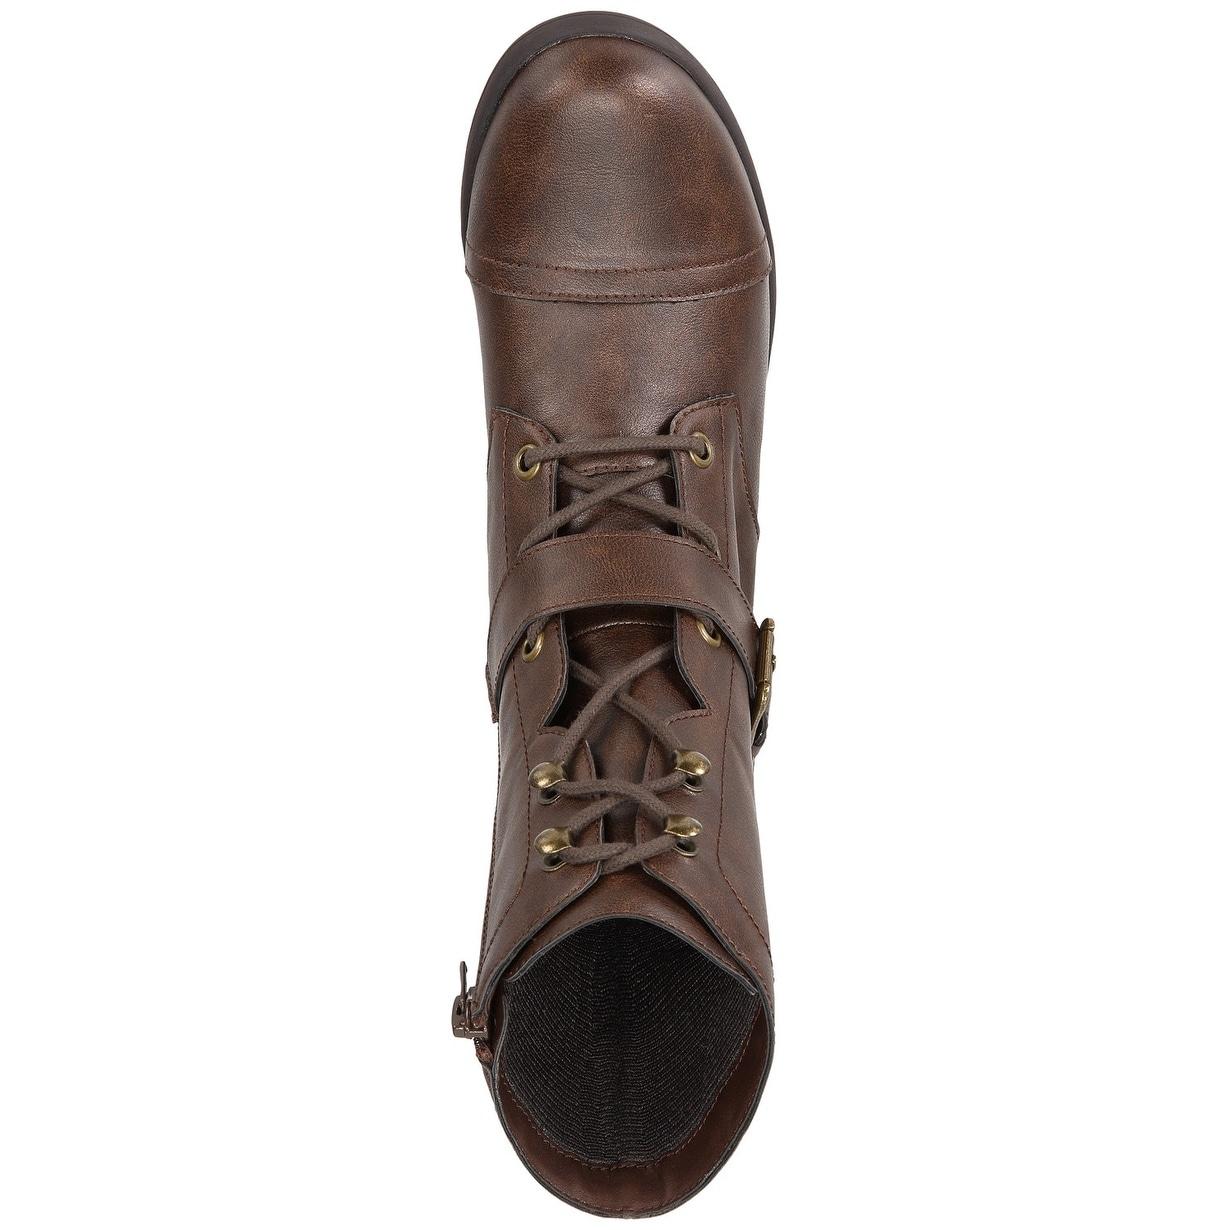 81bf46eb5f4fa Shop American Rag Clothing   Shoes